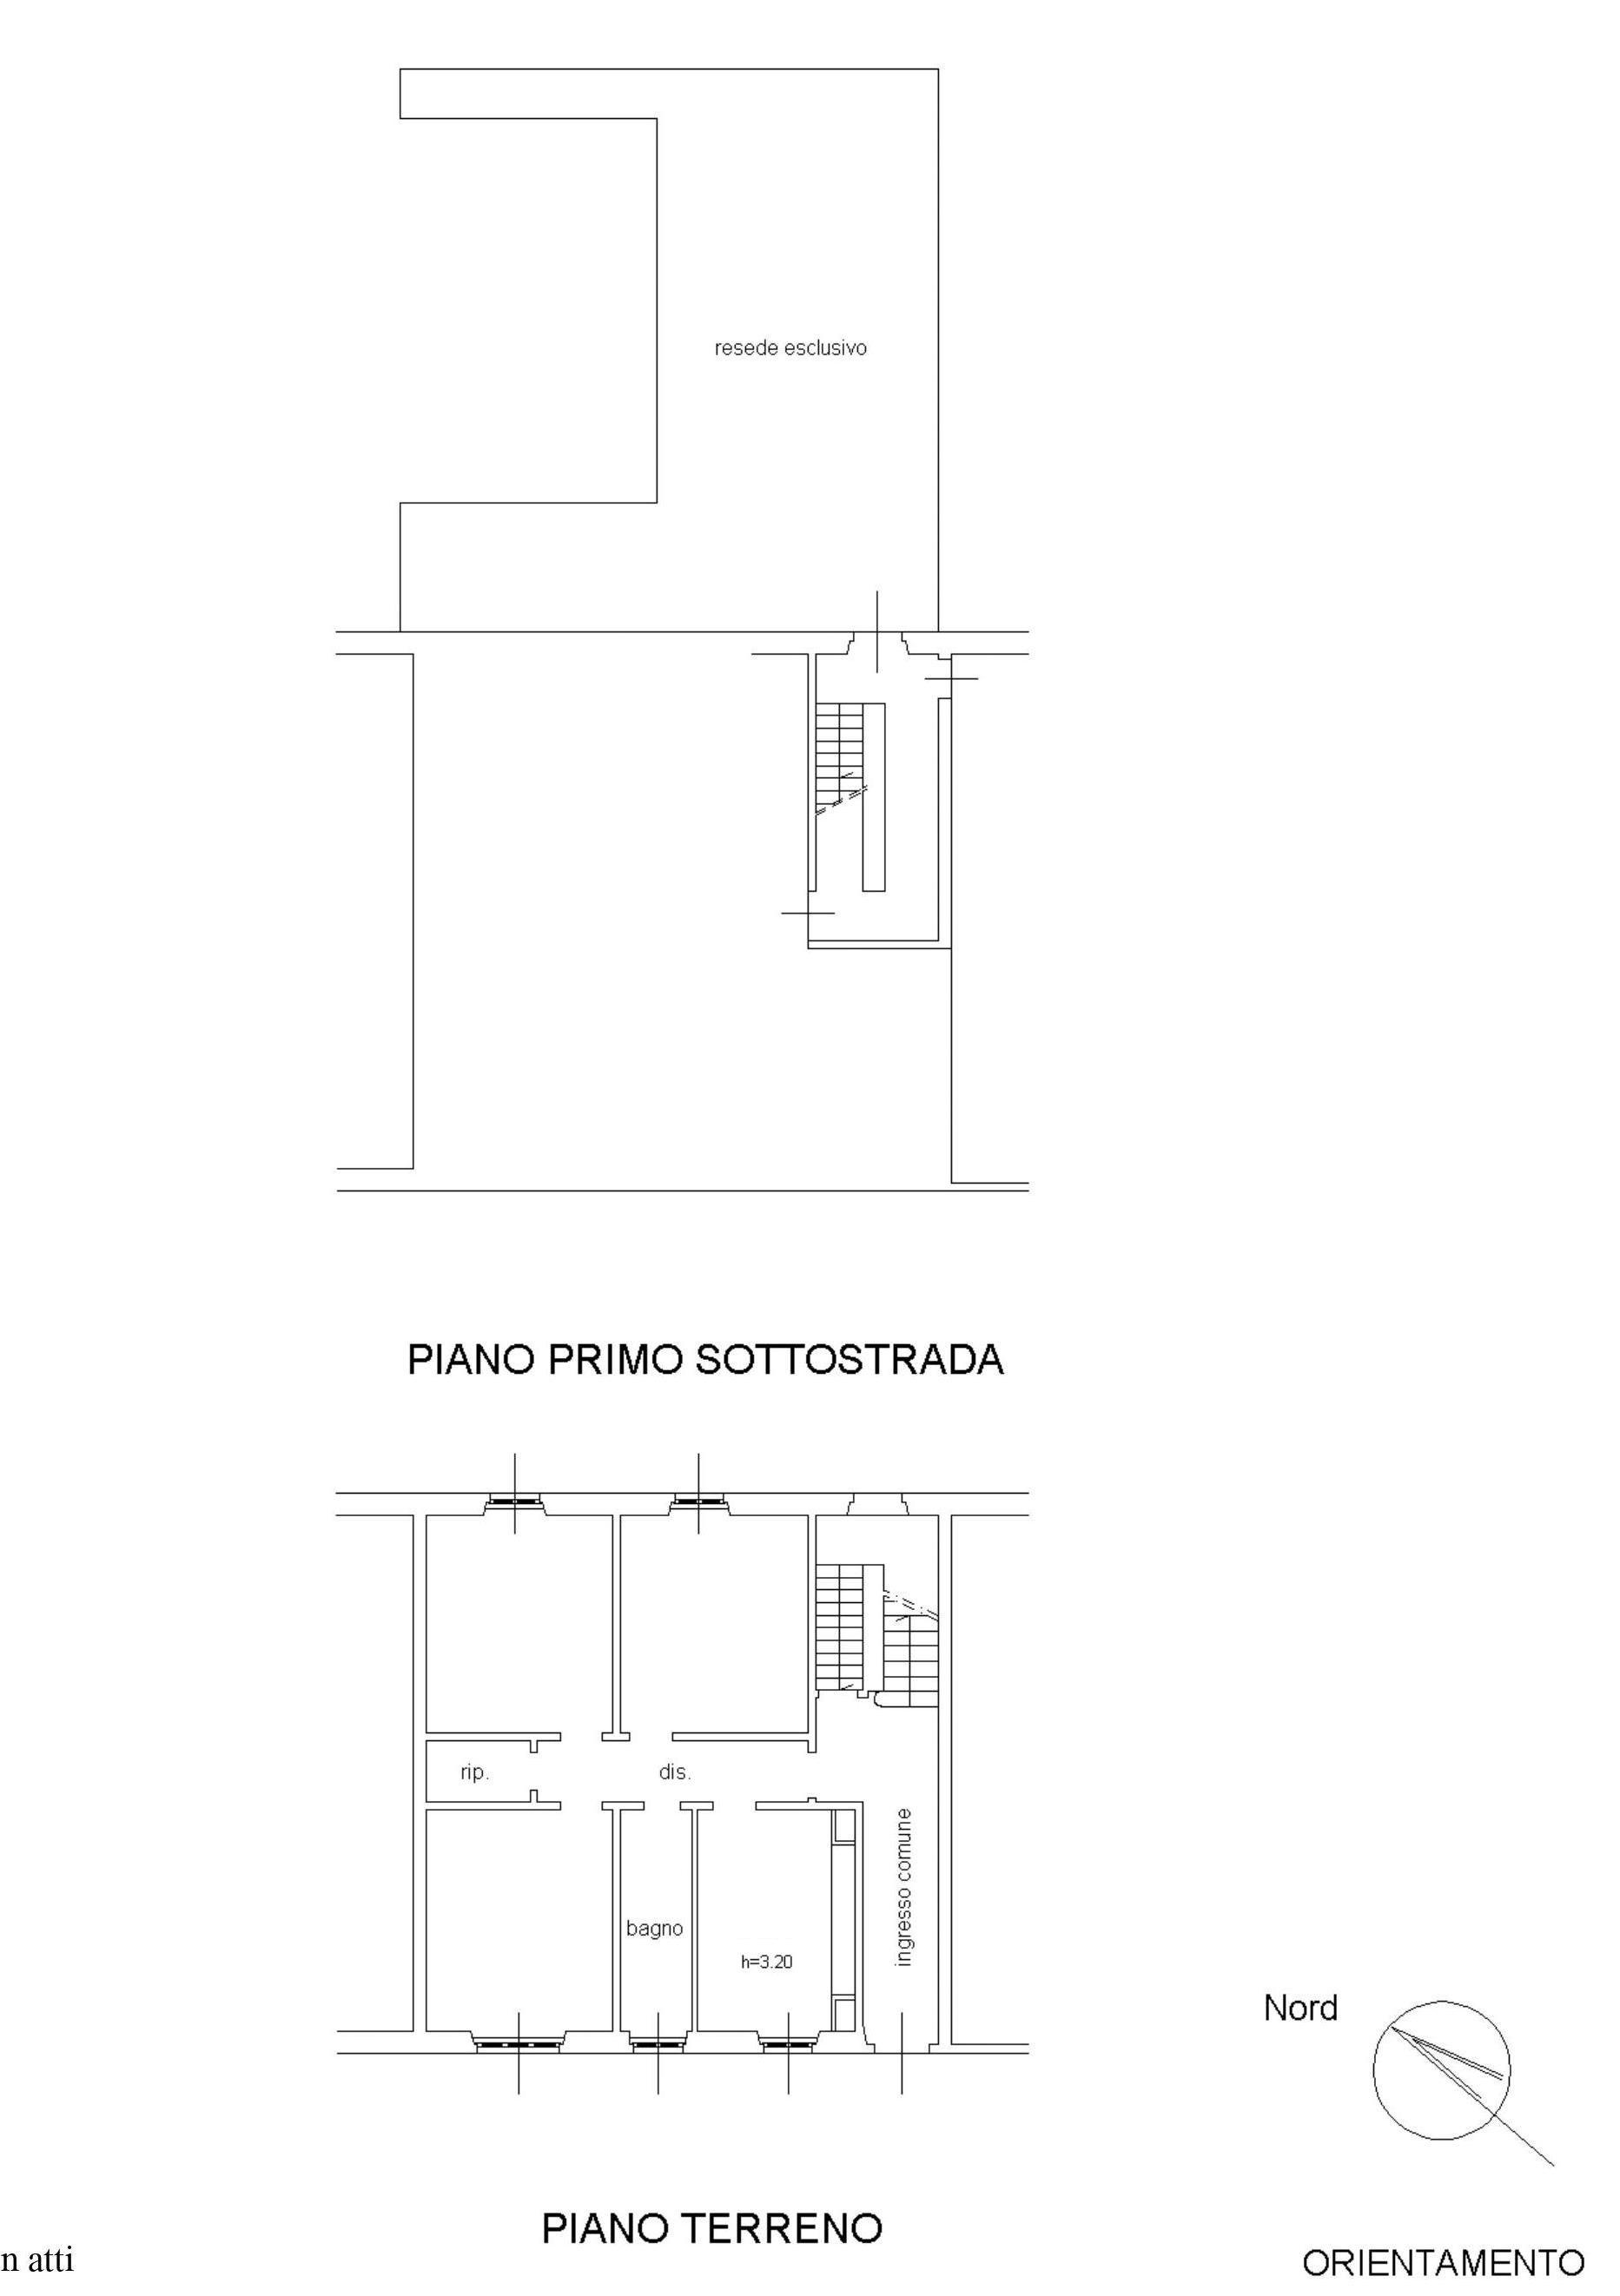 Ufficio in vendita, rif. 585bis (Planimetria 1/1)